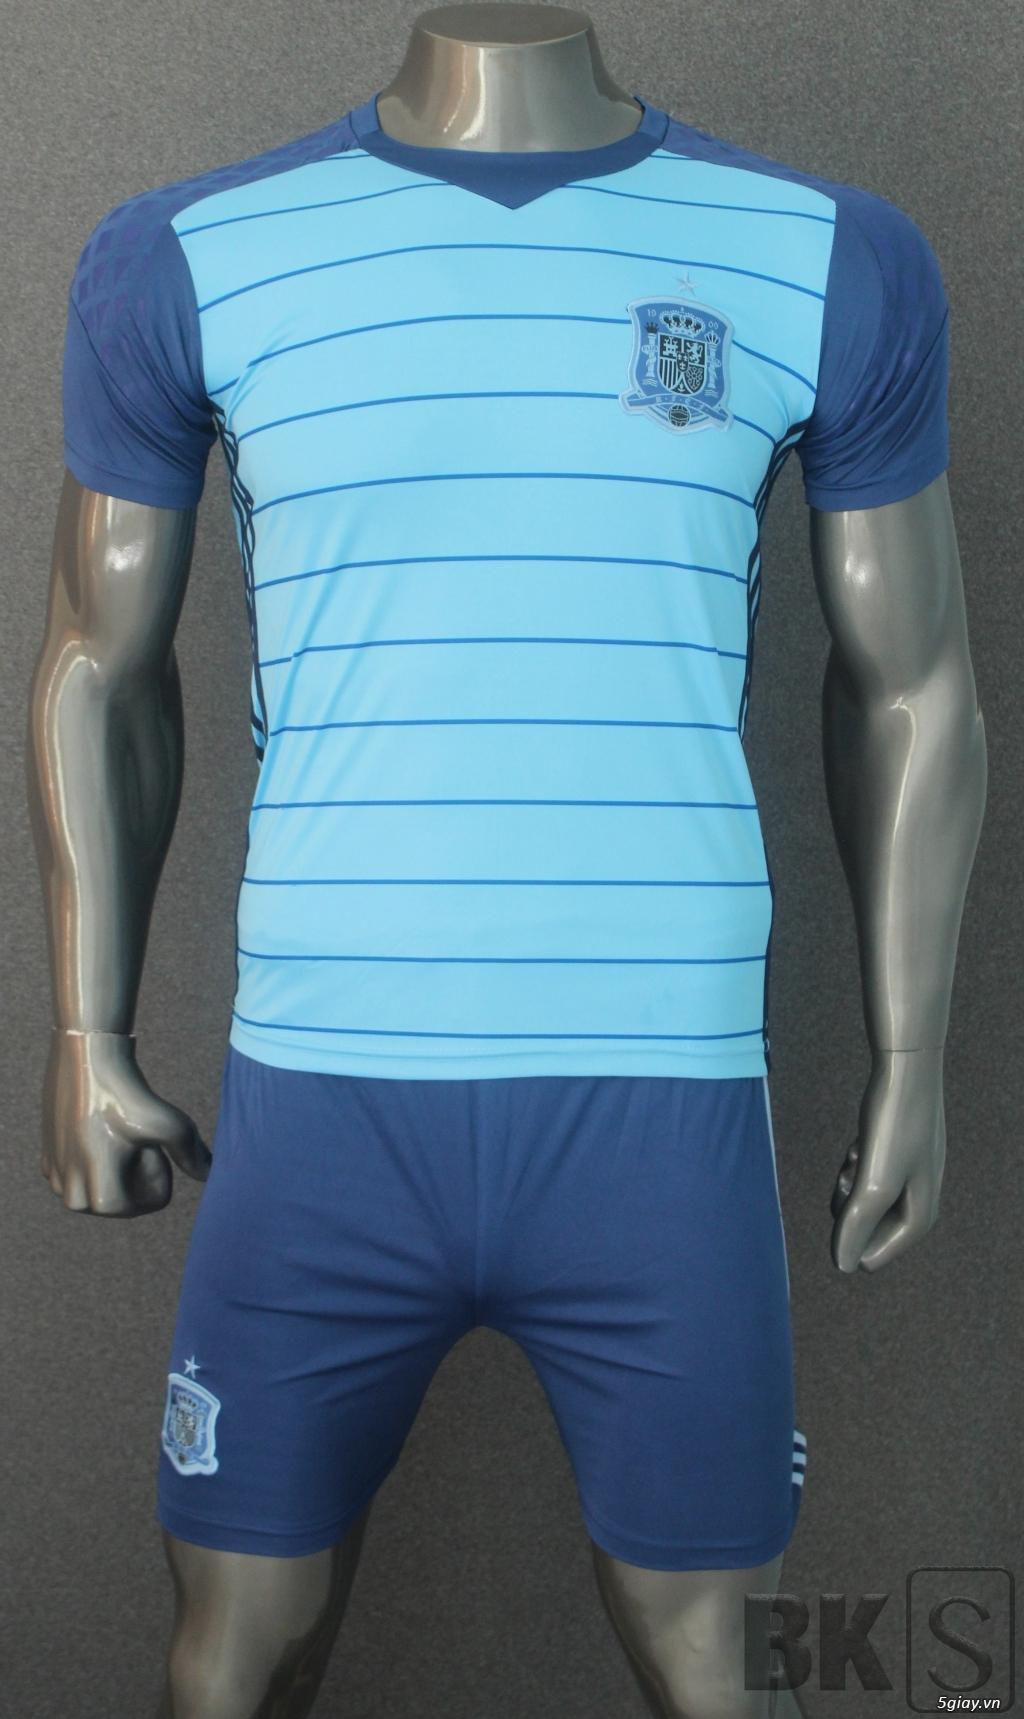 Áo bóng đá HP-địa chỉ gốc sản xuất trang phục thể thao số 1 Việt Nam - 31